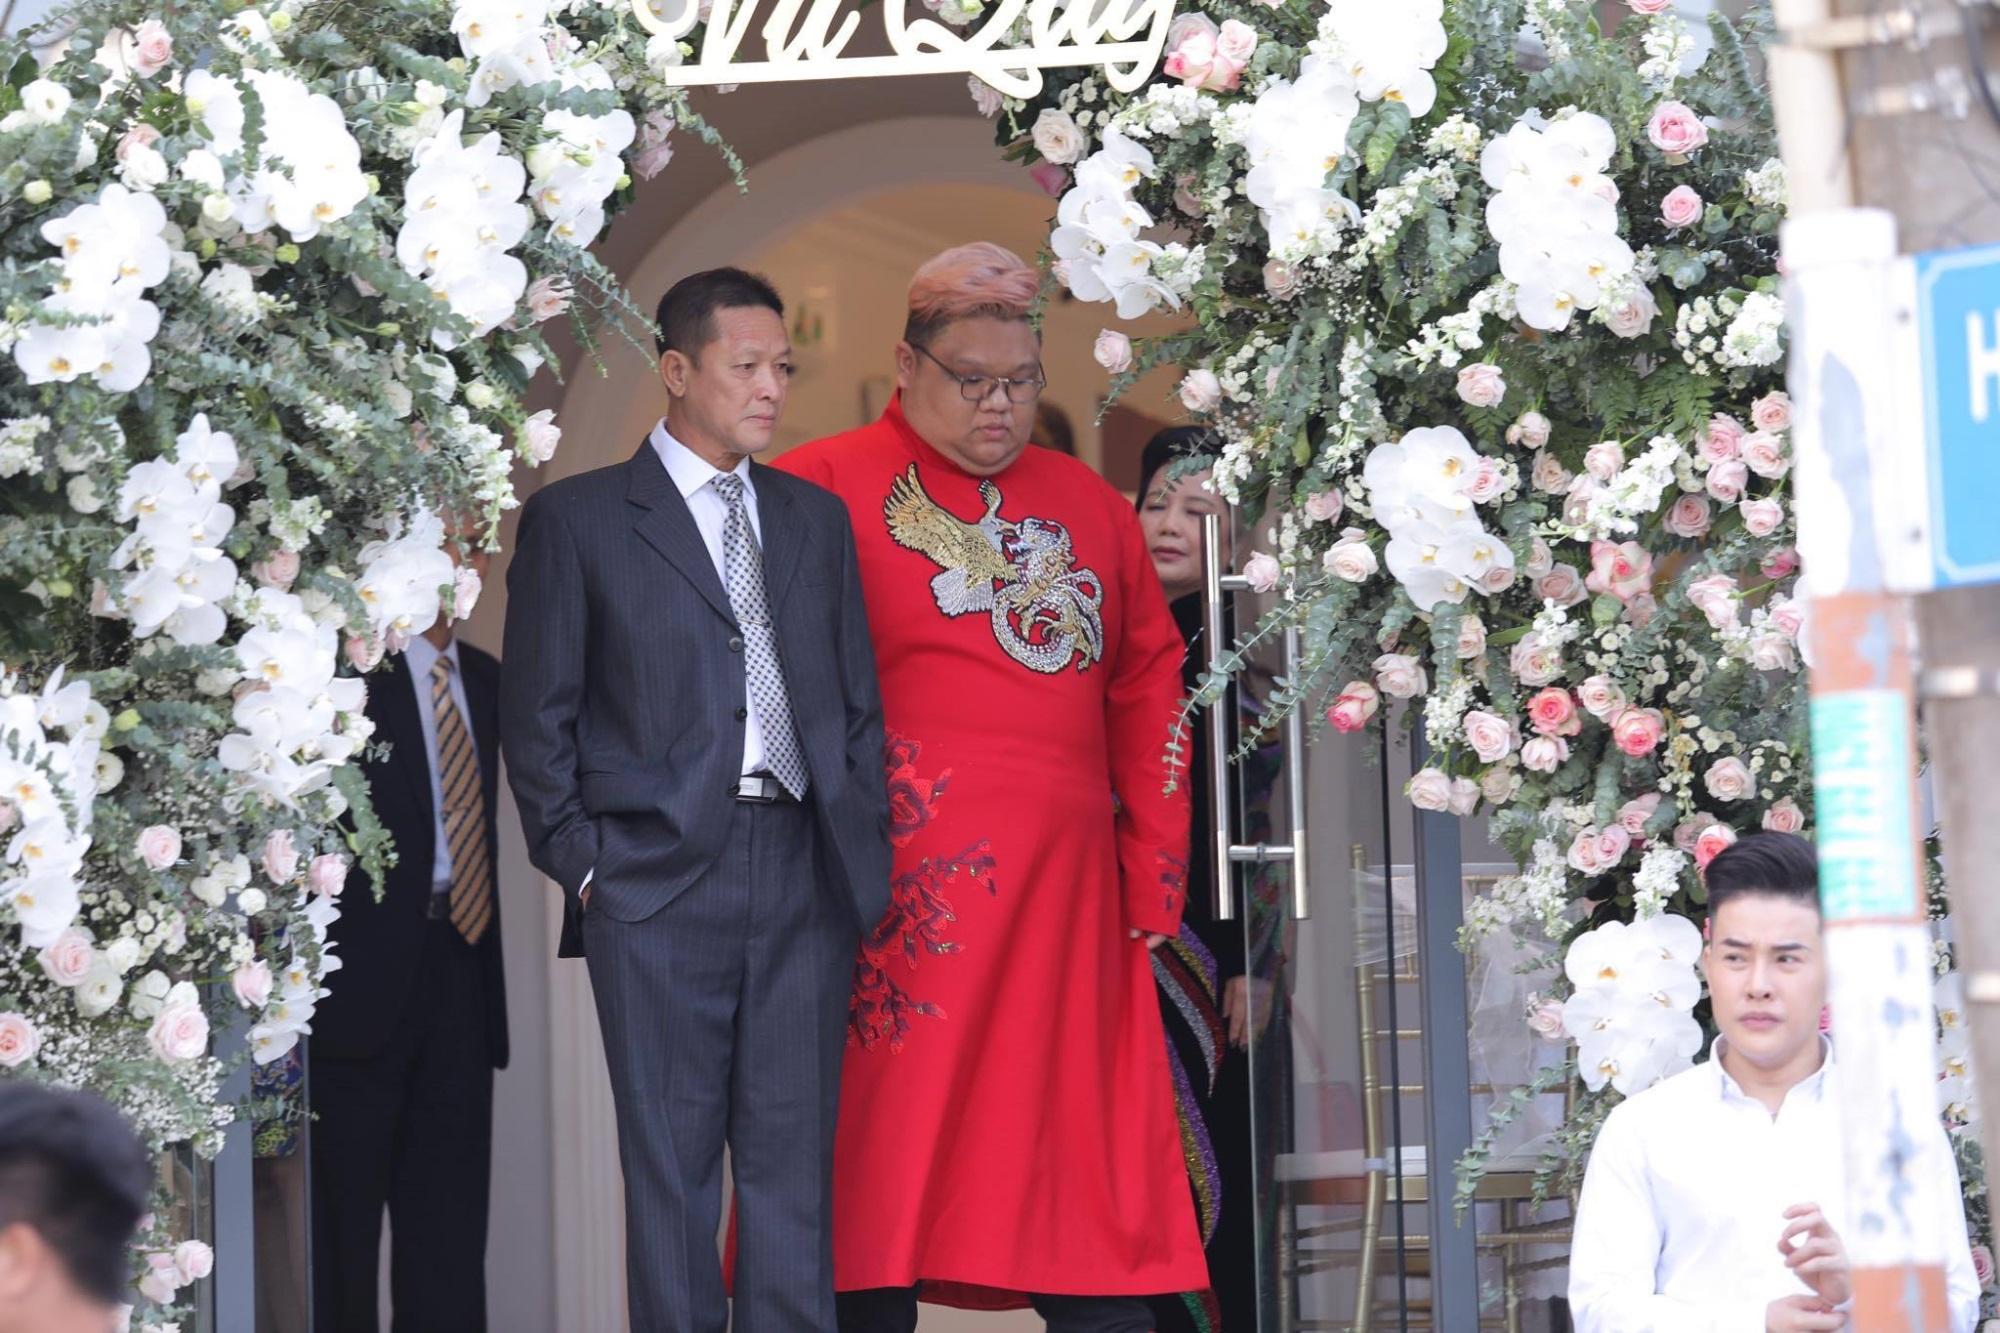 Đám cưới Bảo Thy: Cô dâu, chú rể cùng diện trang phục trắng, di chuyển đến nhà thờ bằng siêu xe tiền tỷ - Ảnh 4